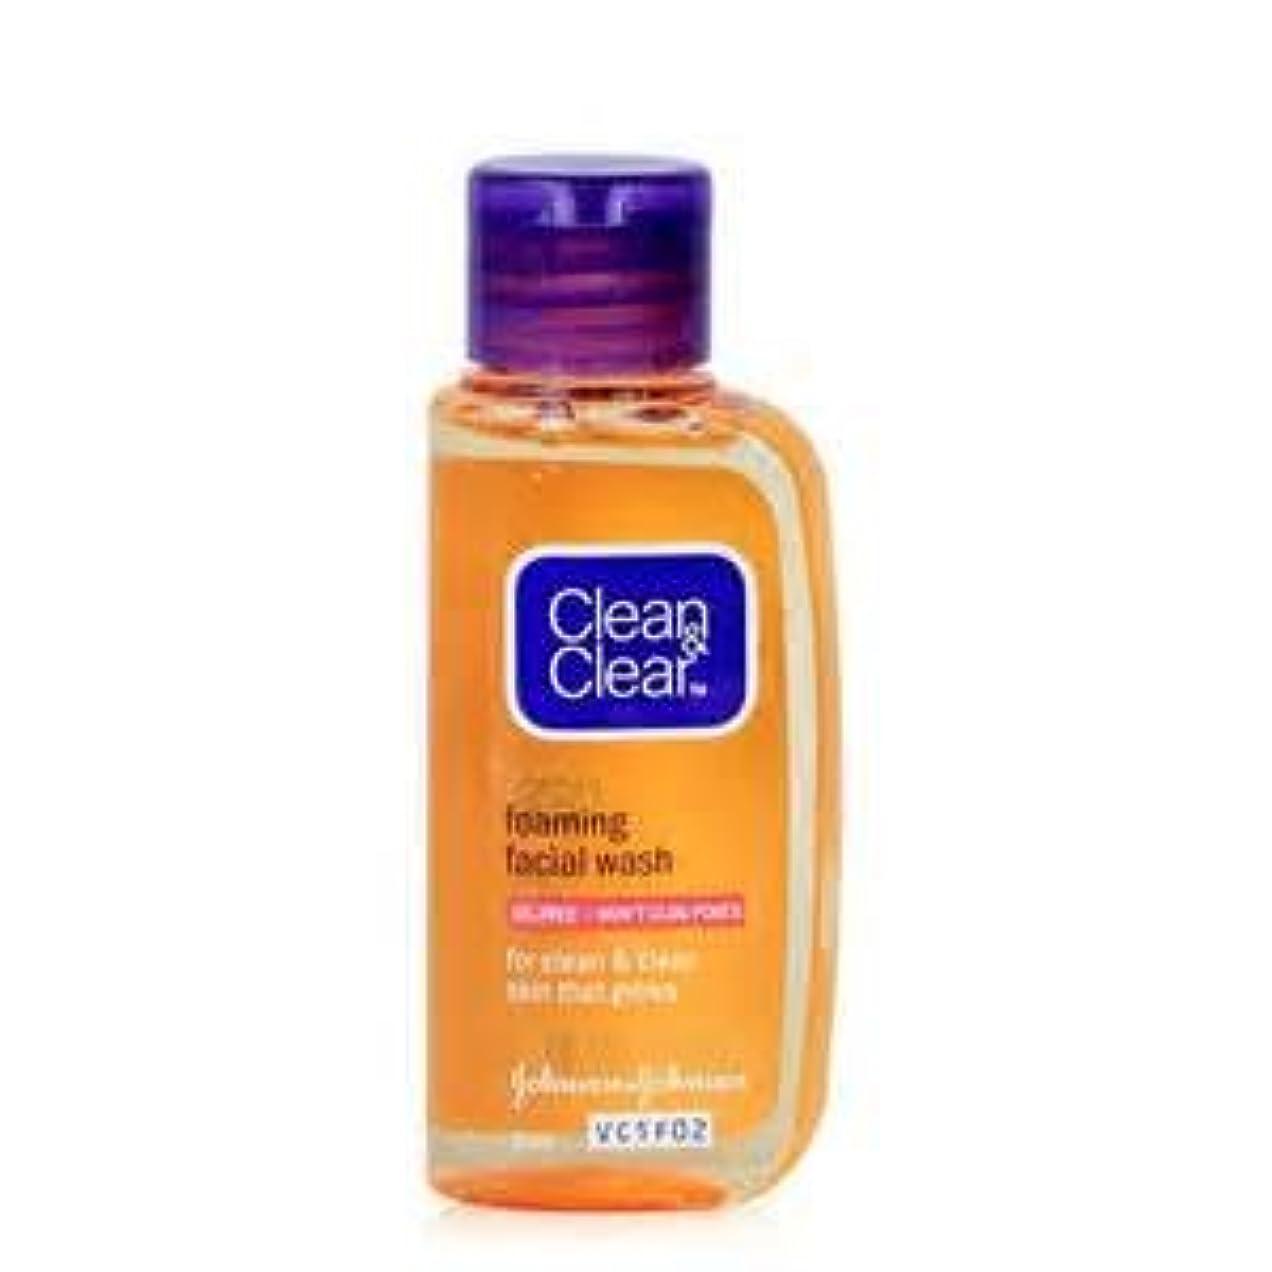 よろしくエレメンタル顕著クリーン&クリア エッセンシャル フォーミング フェイシャル ウォッシュ clean&clear essentials foaming facial wash 50ml